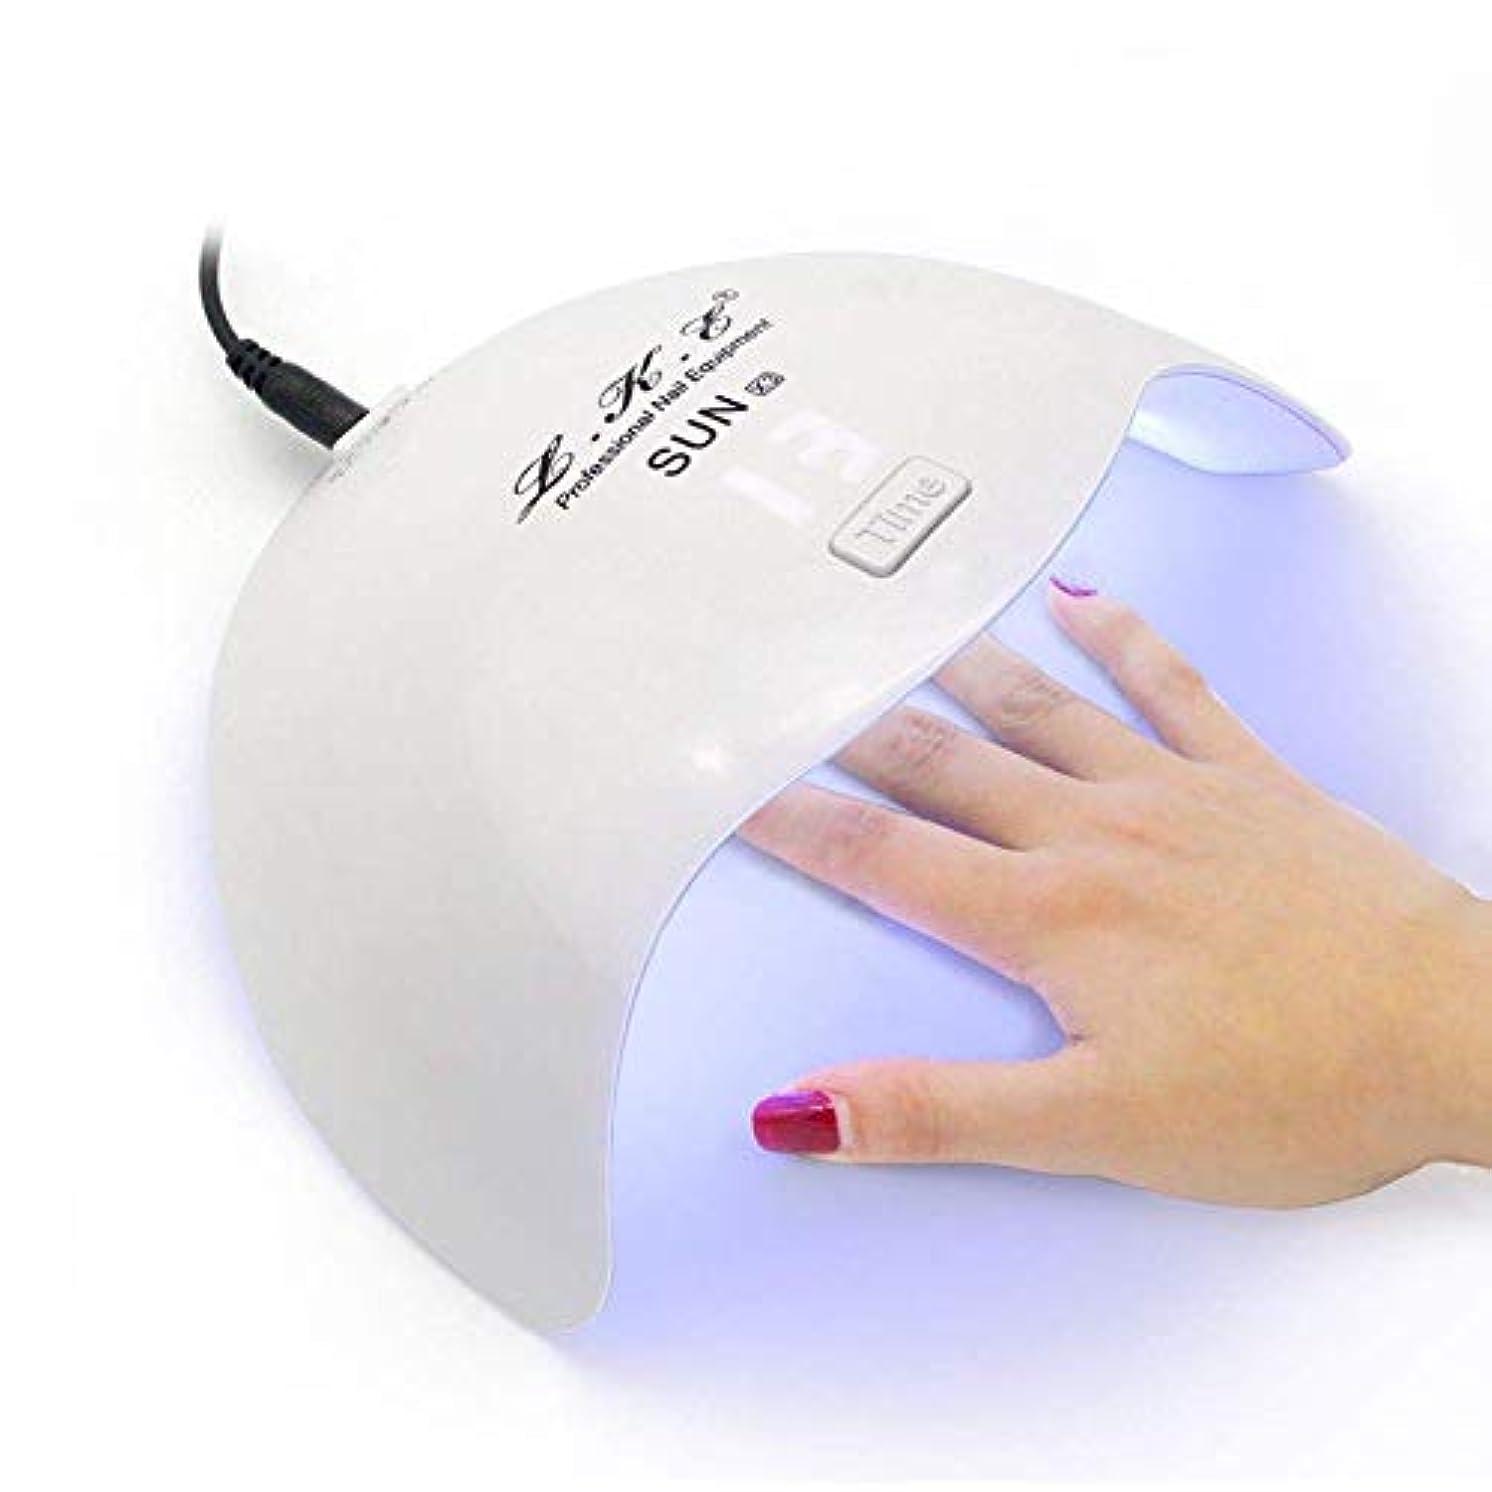 の間でサーバントマイクロネイルドライヤーミニ24W UV LEDランプ硬化ネイルジェルポリッシュ誘導タイマーネイルアートツール家庭用機器用、絵のように色